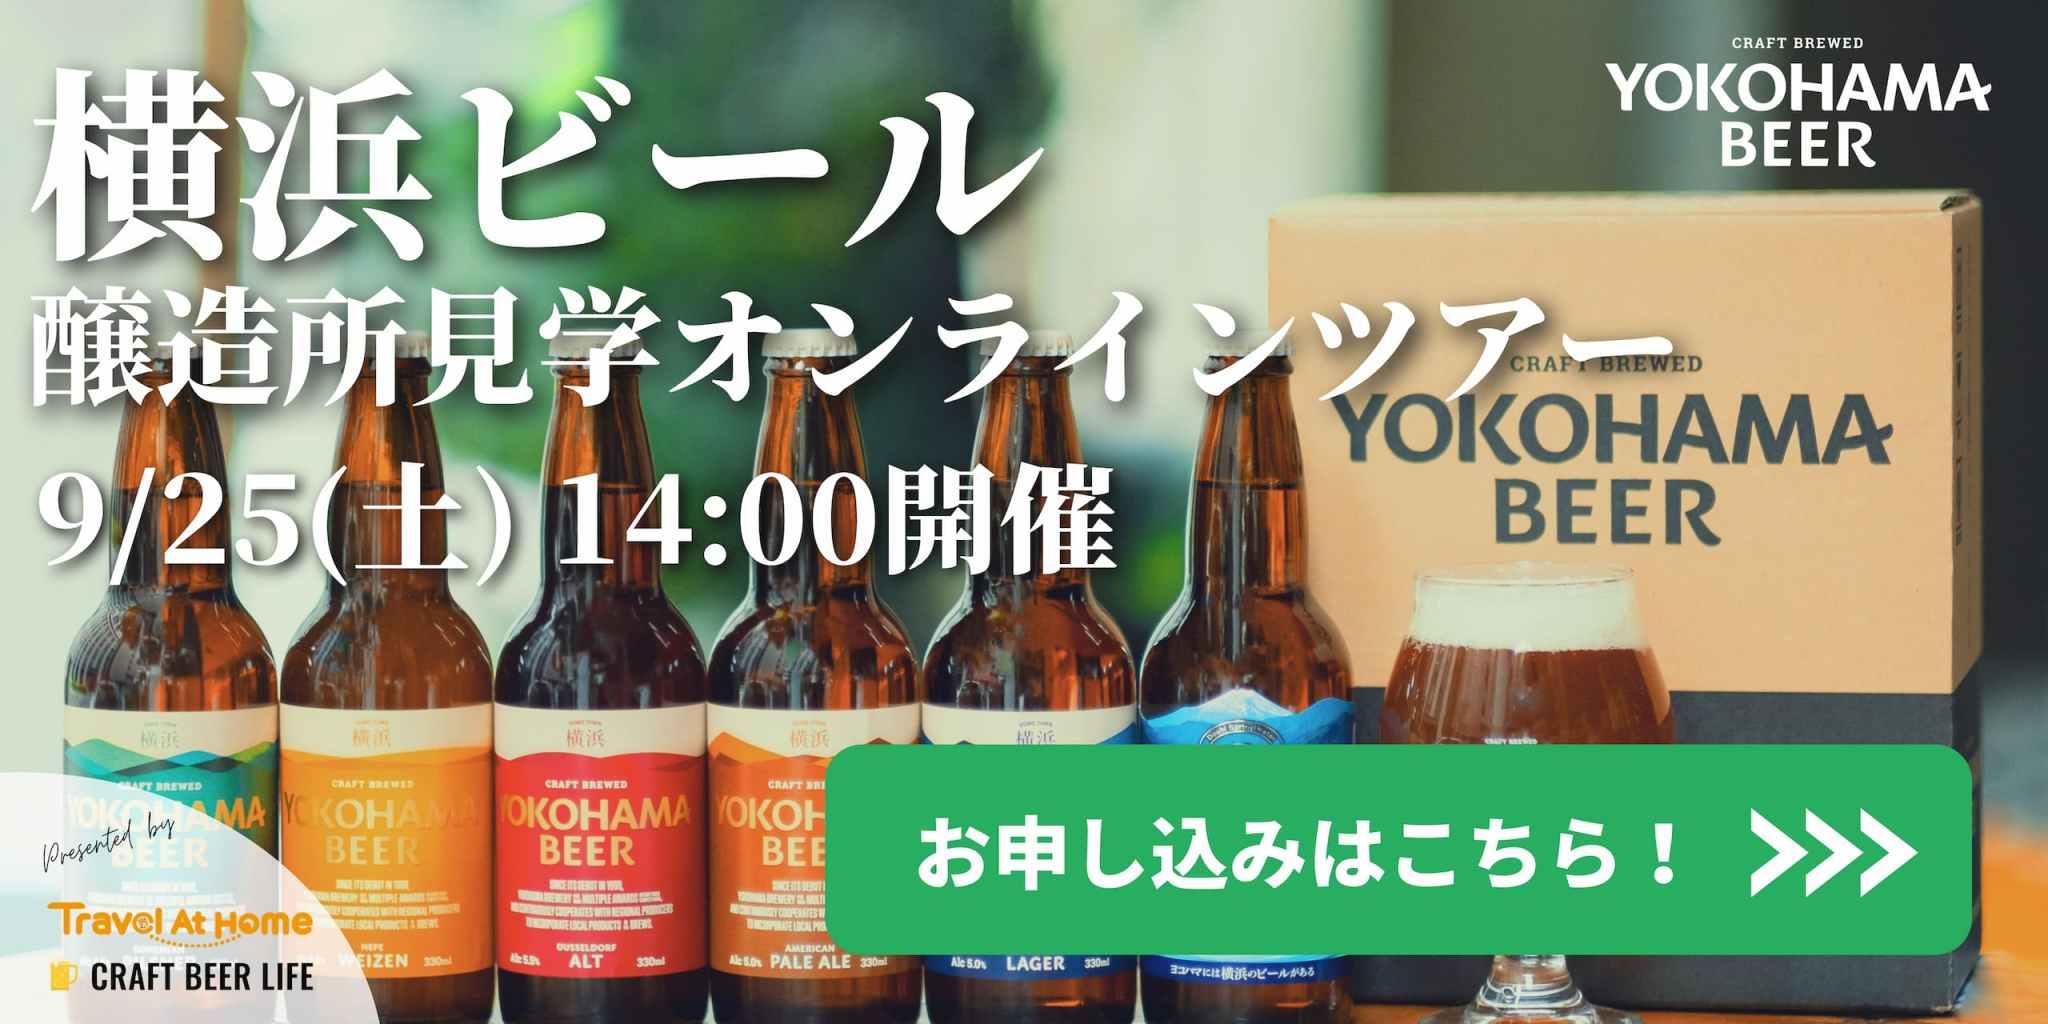 【先着30名様】飲んで応援!横浜ビール「醸造所見学オンラインツアー」5種類のビールで乾杯!